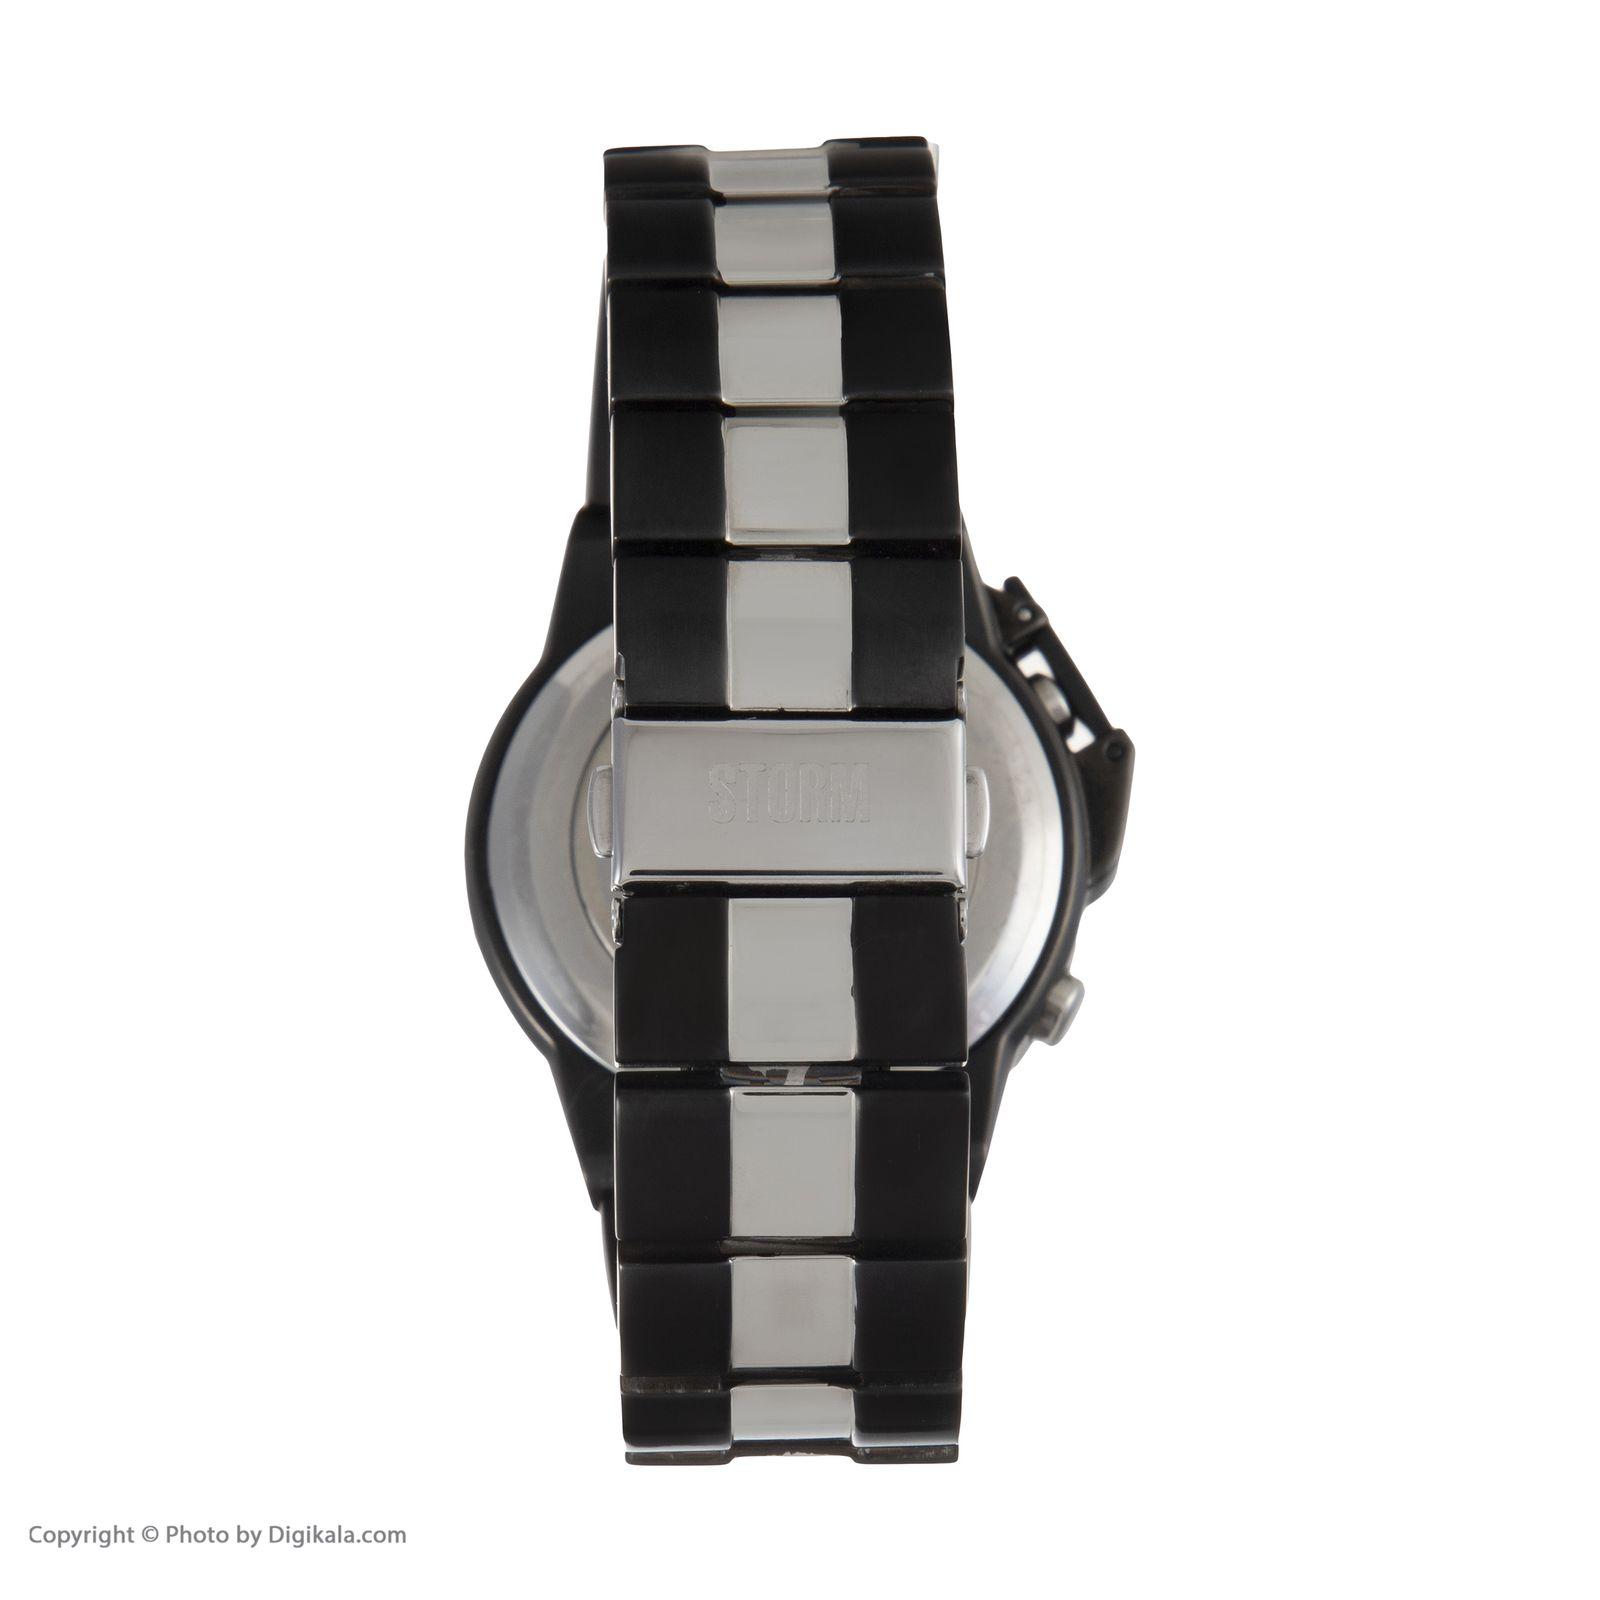 ساعت مچی دیجیتال مردانه استورم مدل ST 47160-SL -  - 6